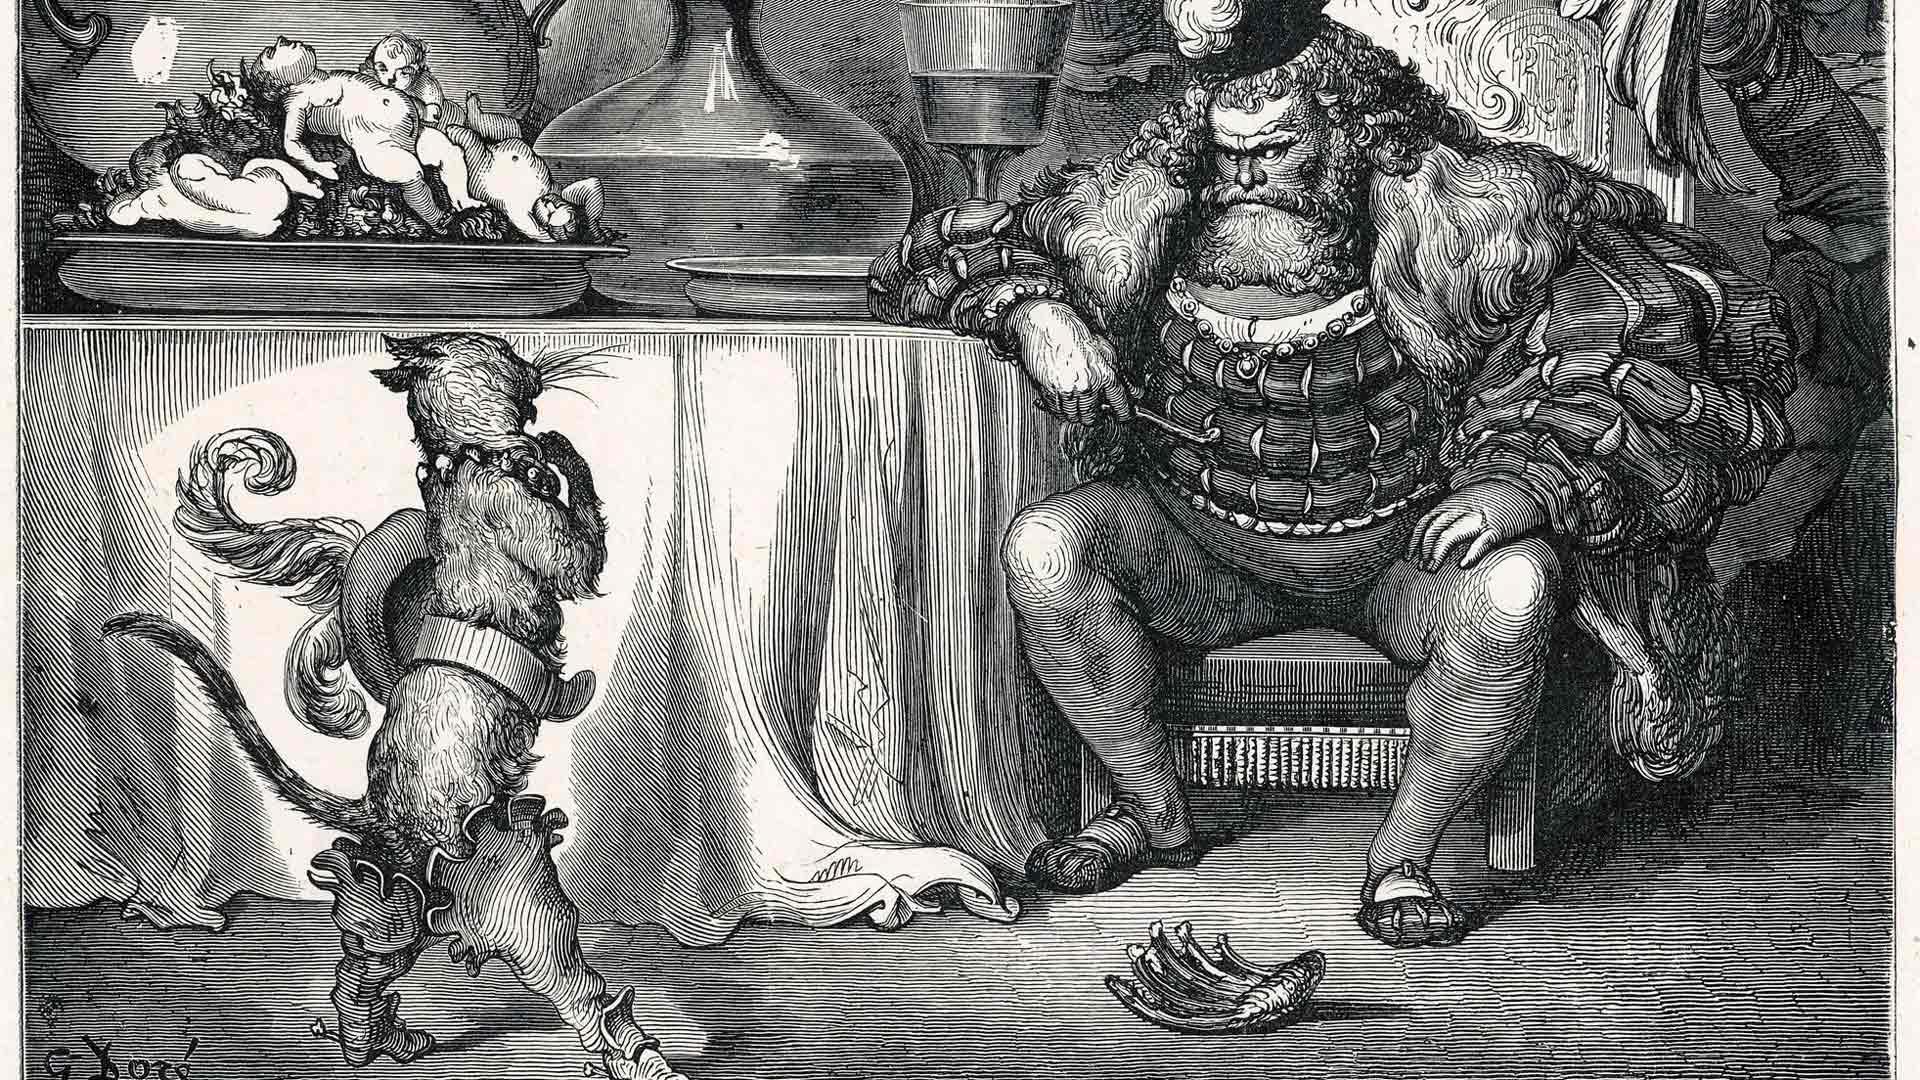 Italian ja Ranskan keskiaikaisista kansantaruista tuttu Saapasjalkakissa haastaa hirviön, jonka ruokapöydällä on tapettuja vauvoja ja eläimiä.